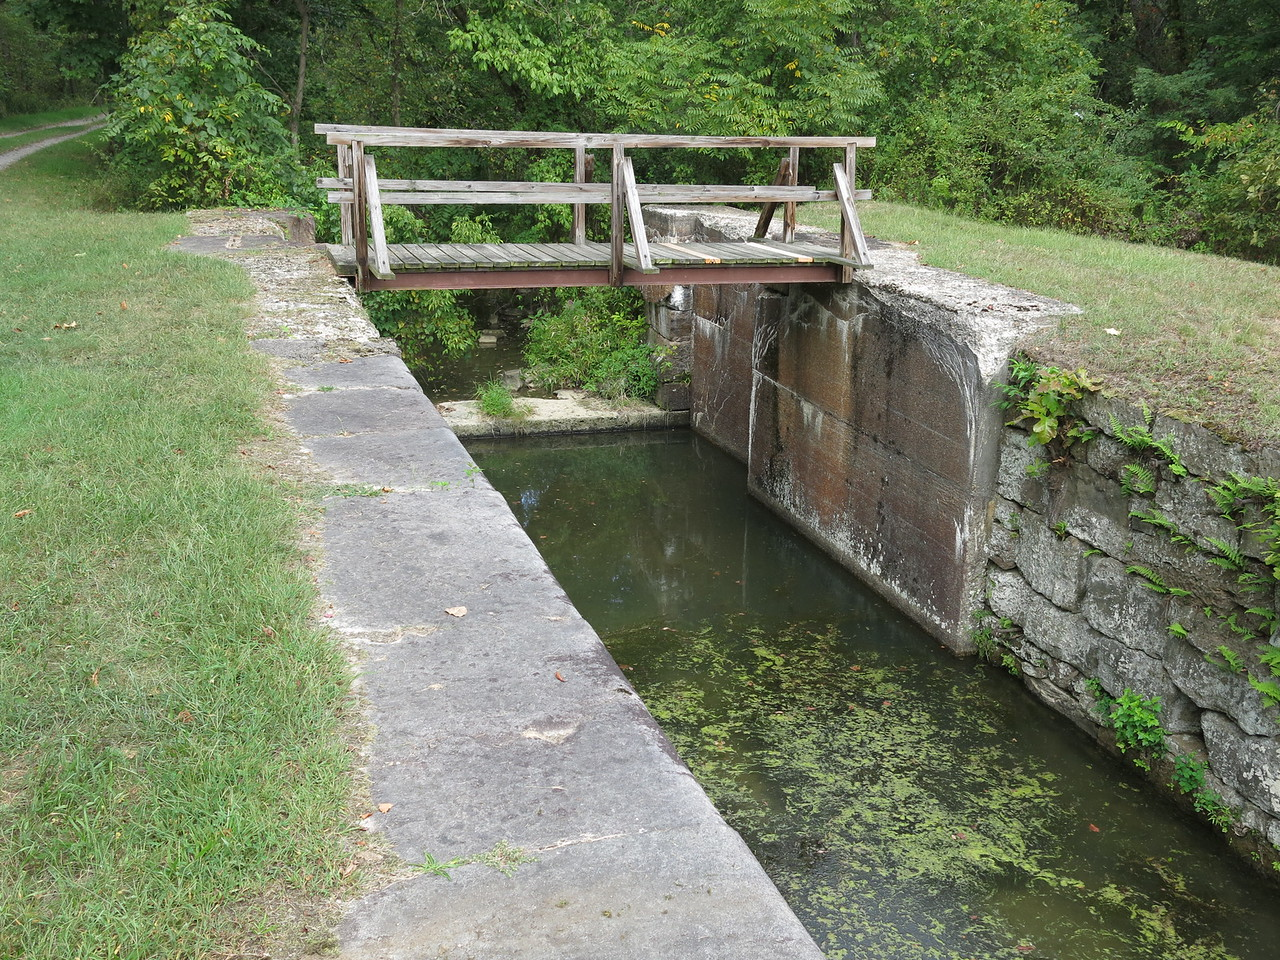 Lock 71 at MP 167 looking upstream